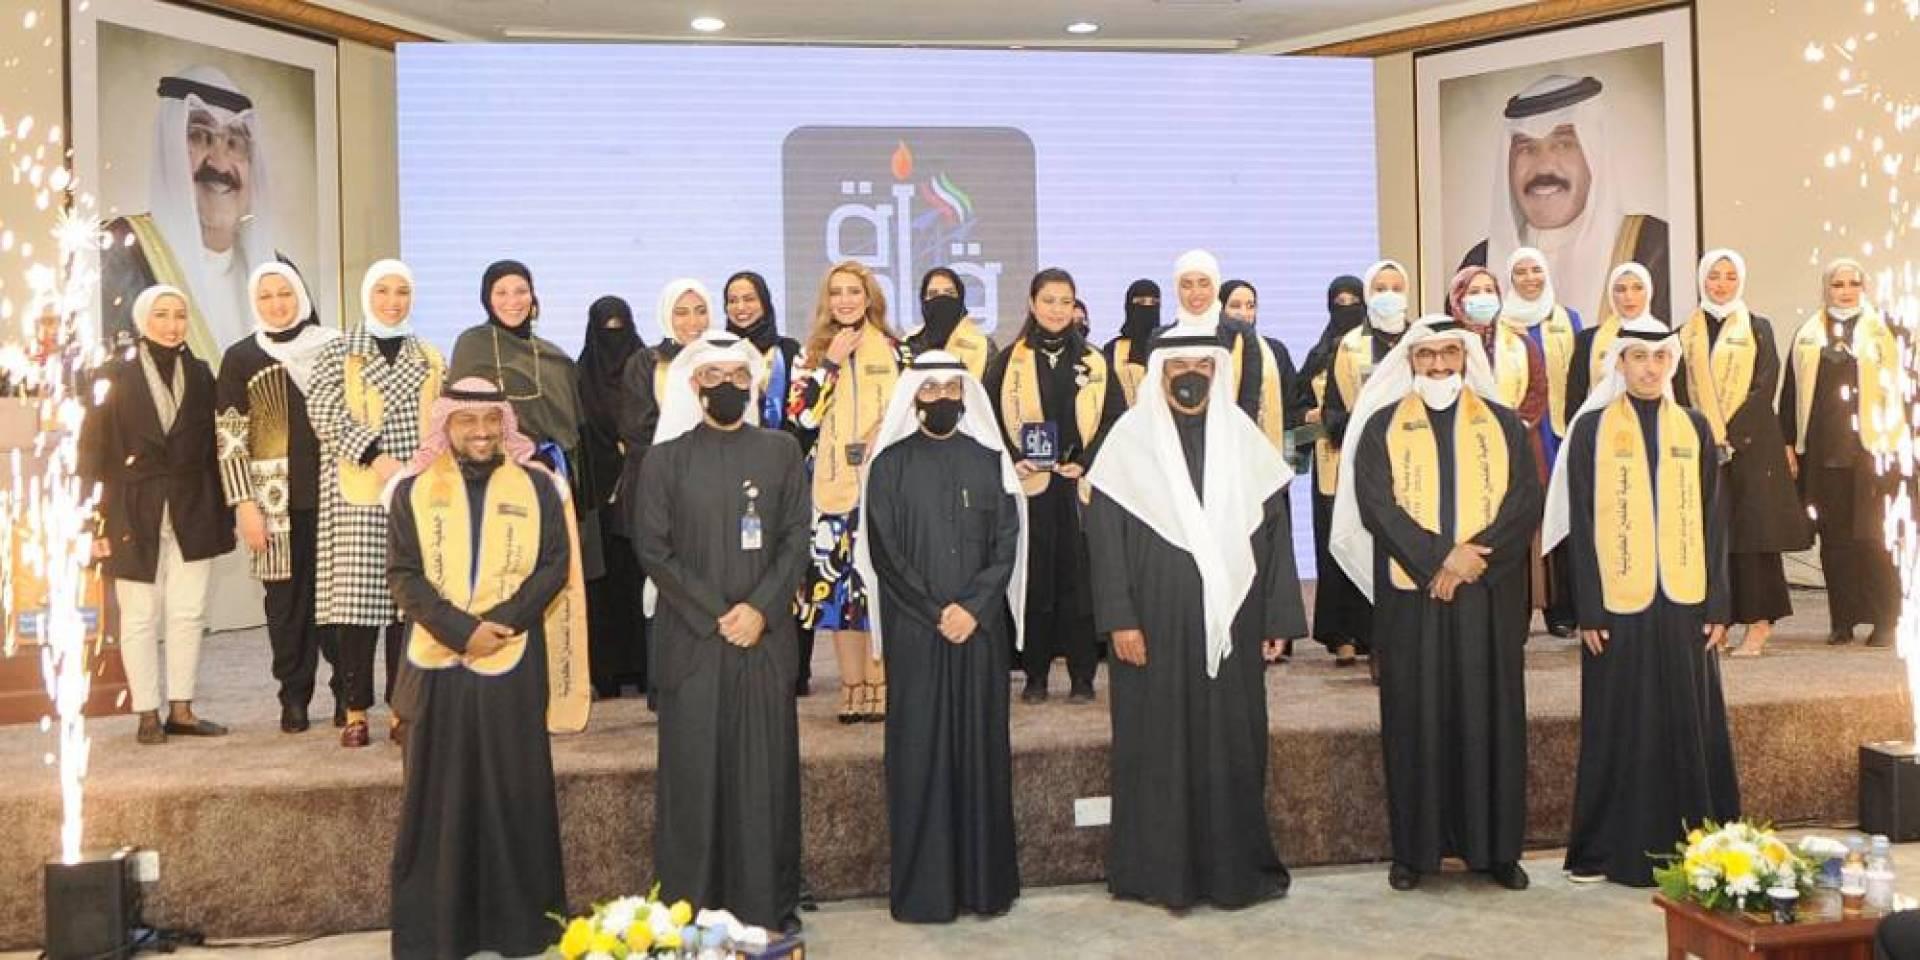 د. علي المضف: تعزيز خطط التنمية والتطوير وتأهيل الوظائف الإشرافية